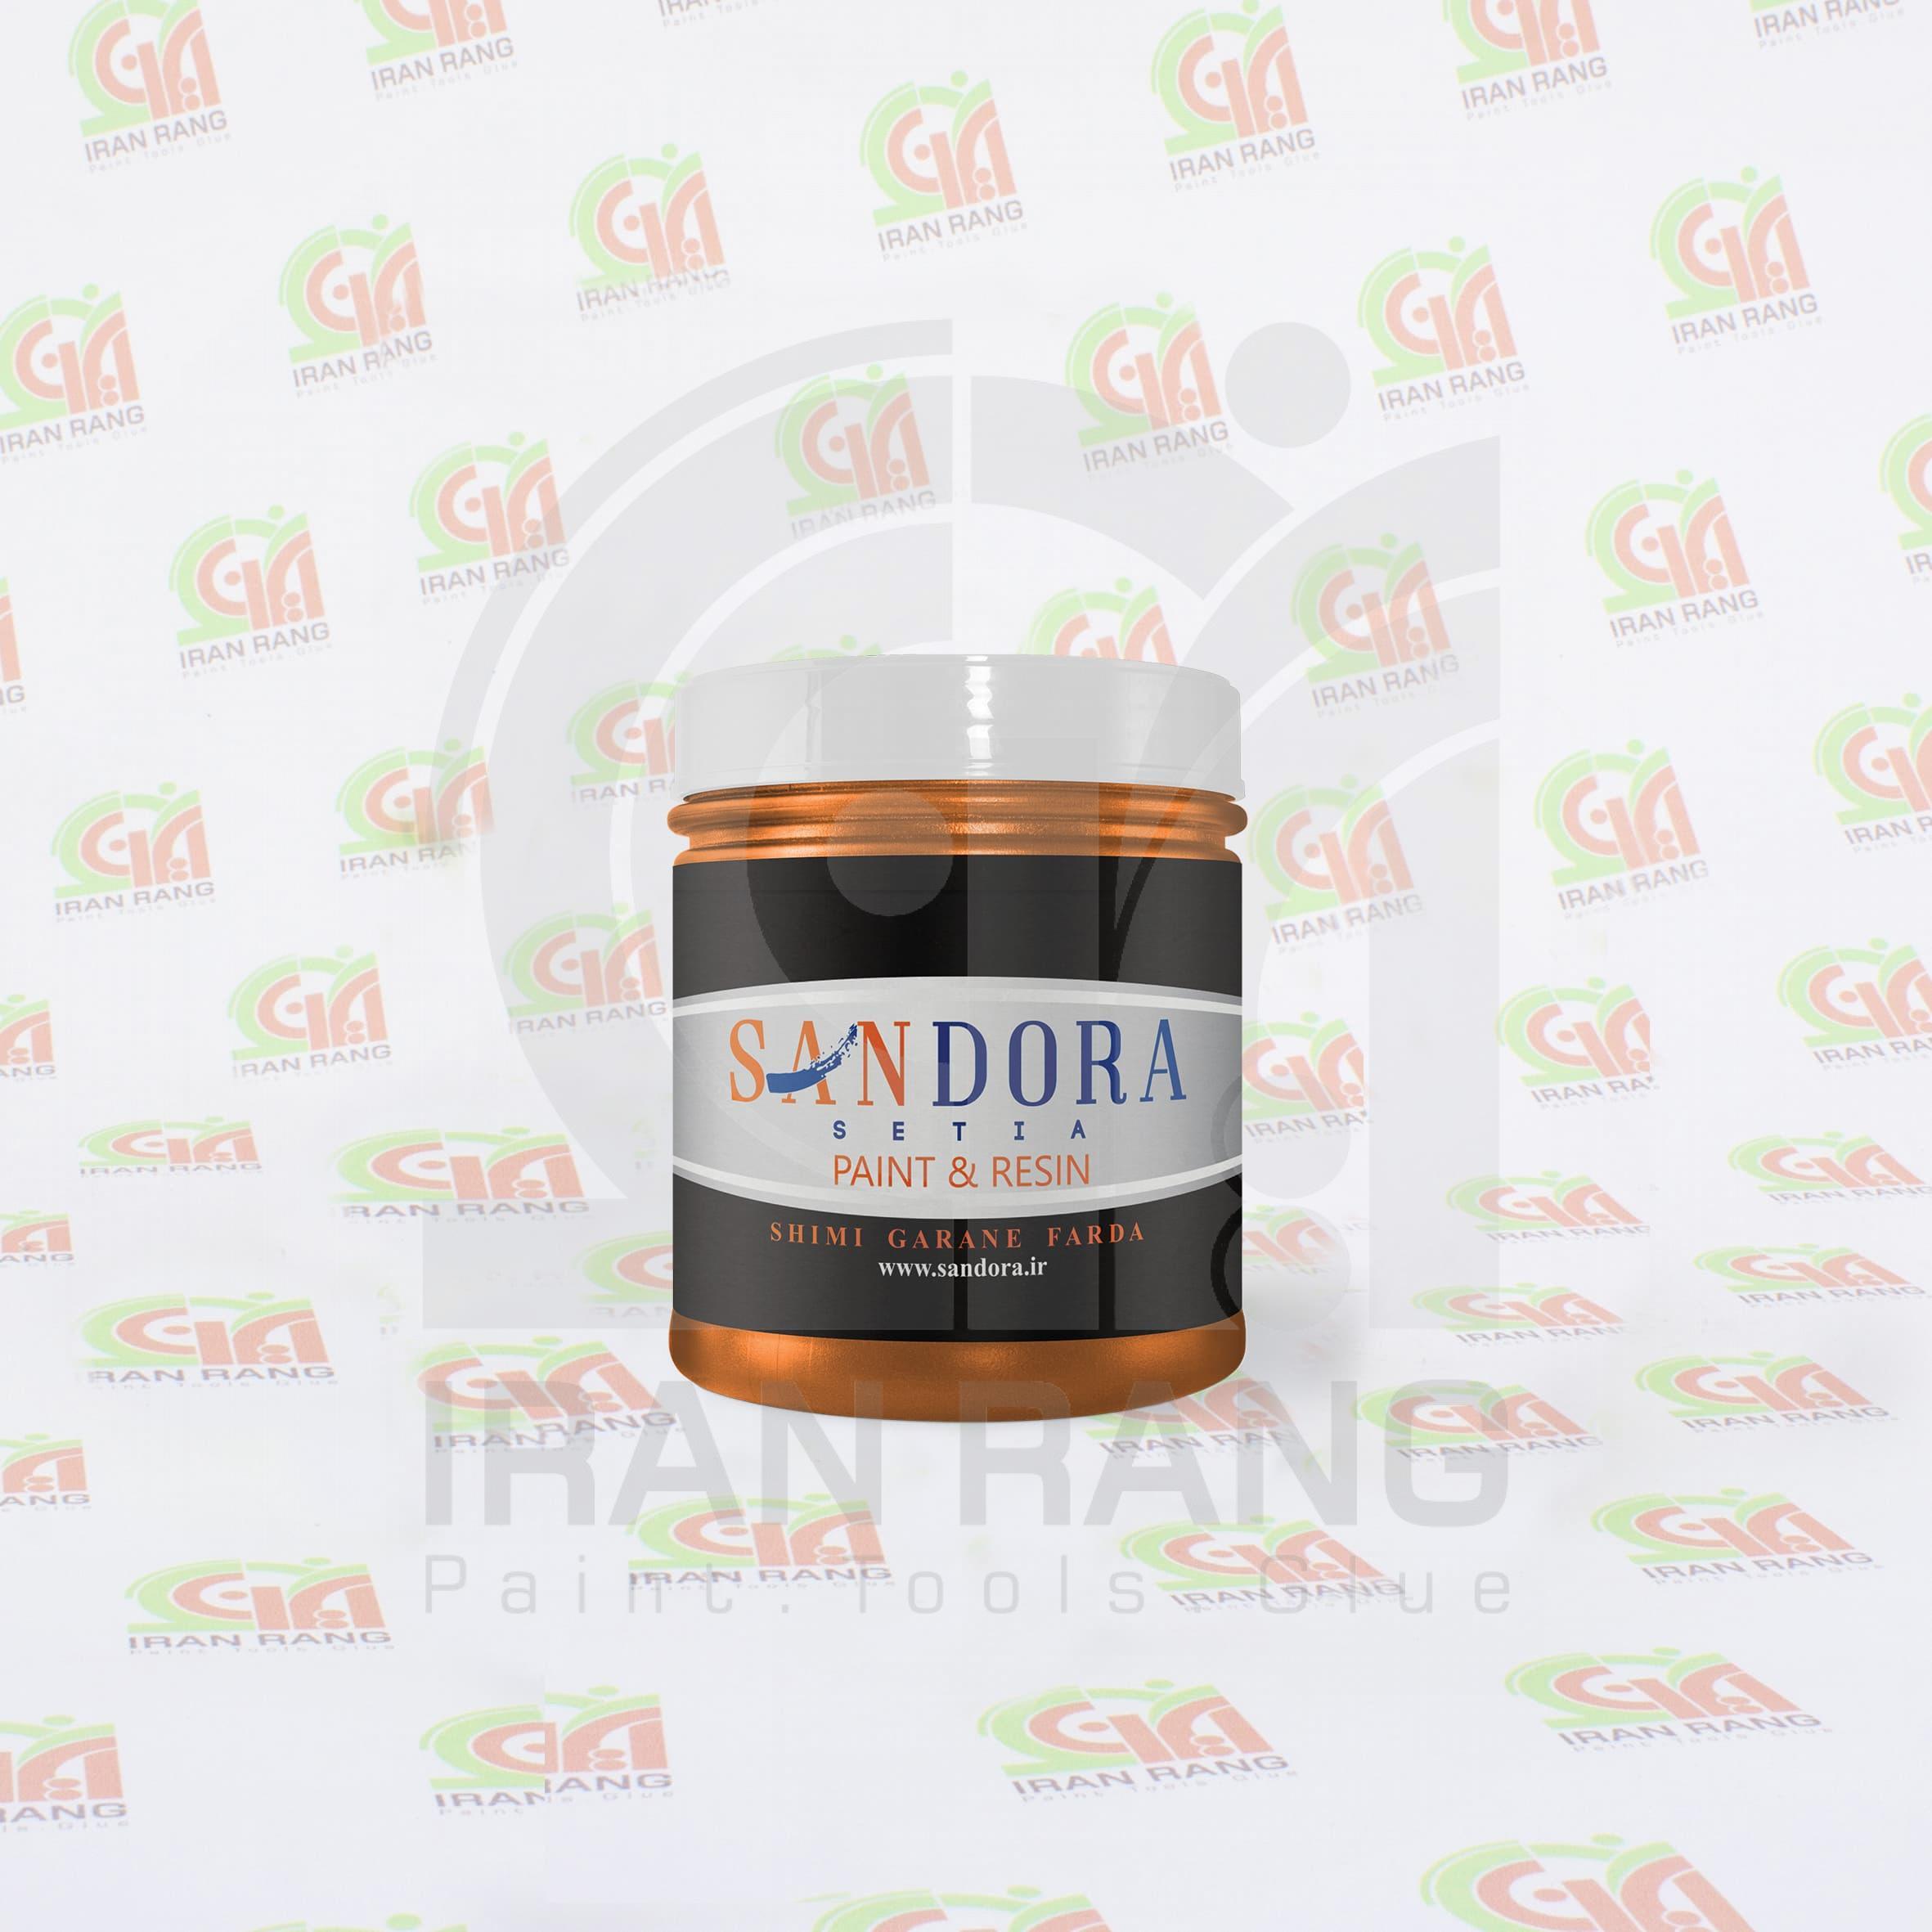 رنگ تزئینی اکلیلی اکریلیک نارنجی ساندورا - کد 127